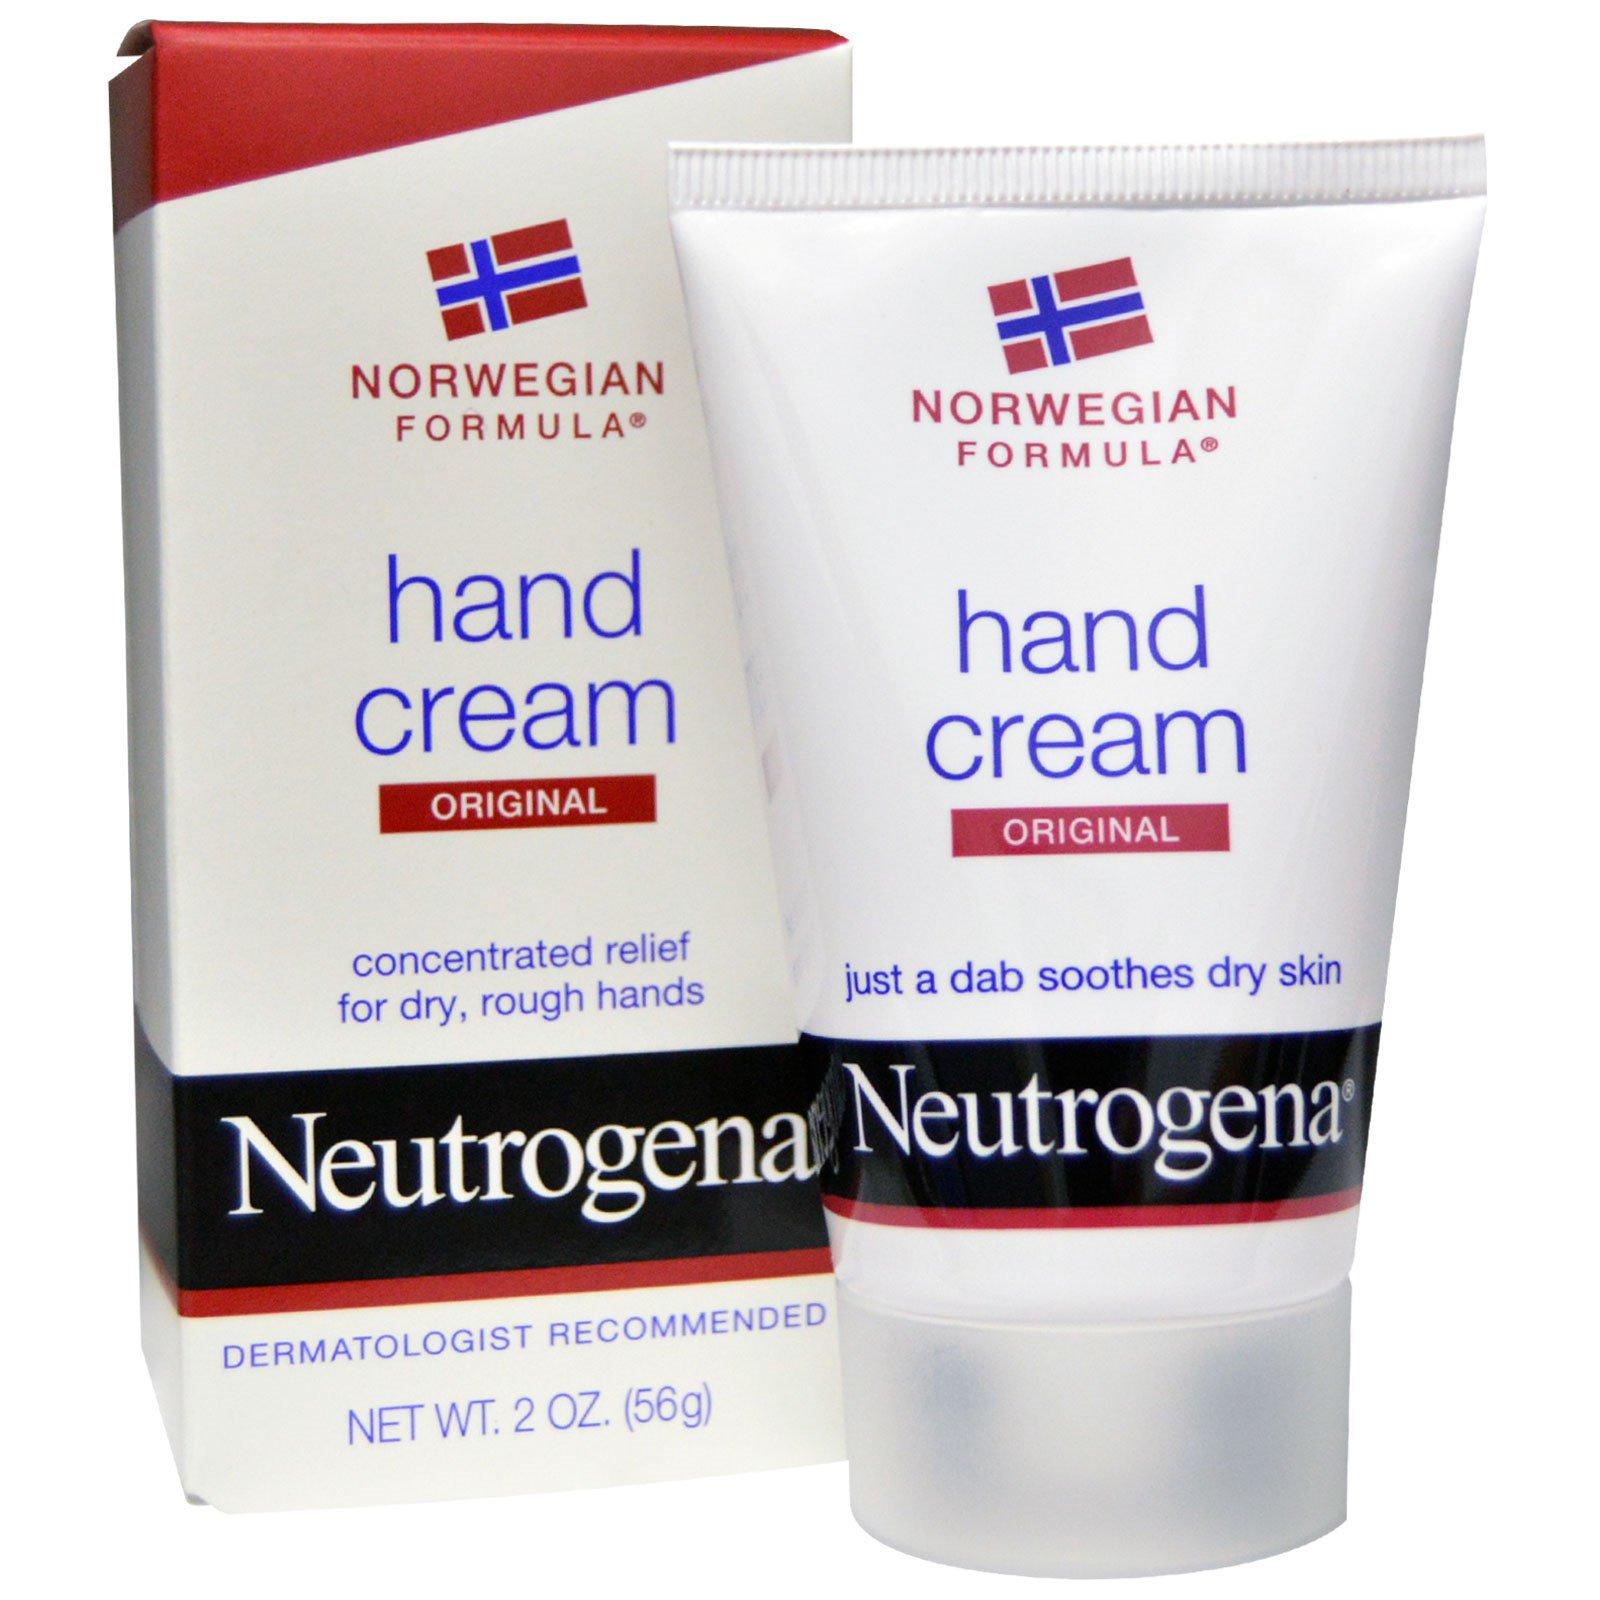 Crema neutrogena para manos agrietadas